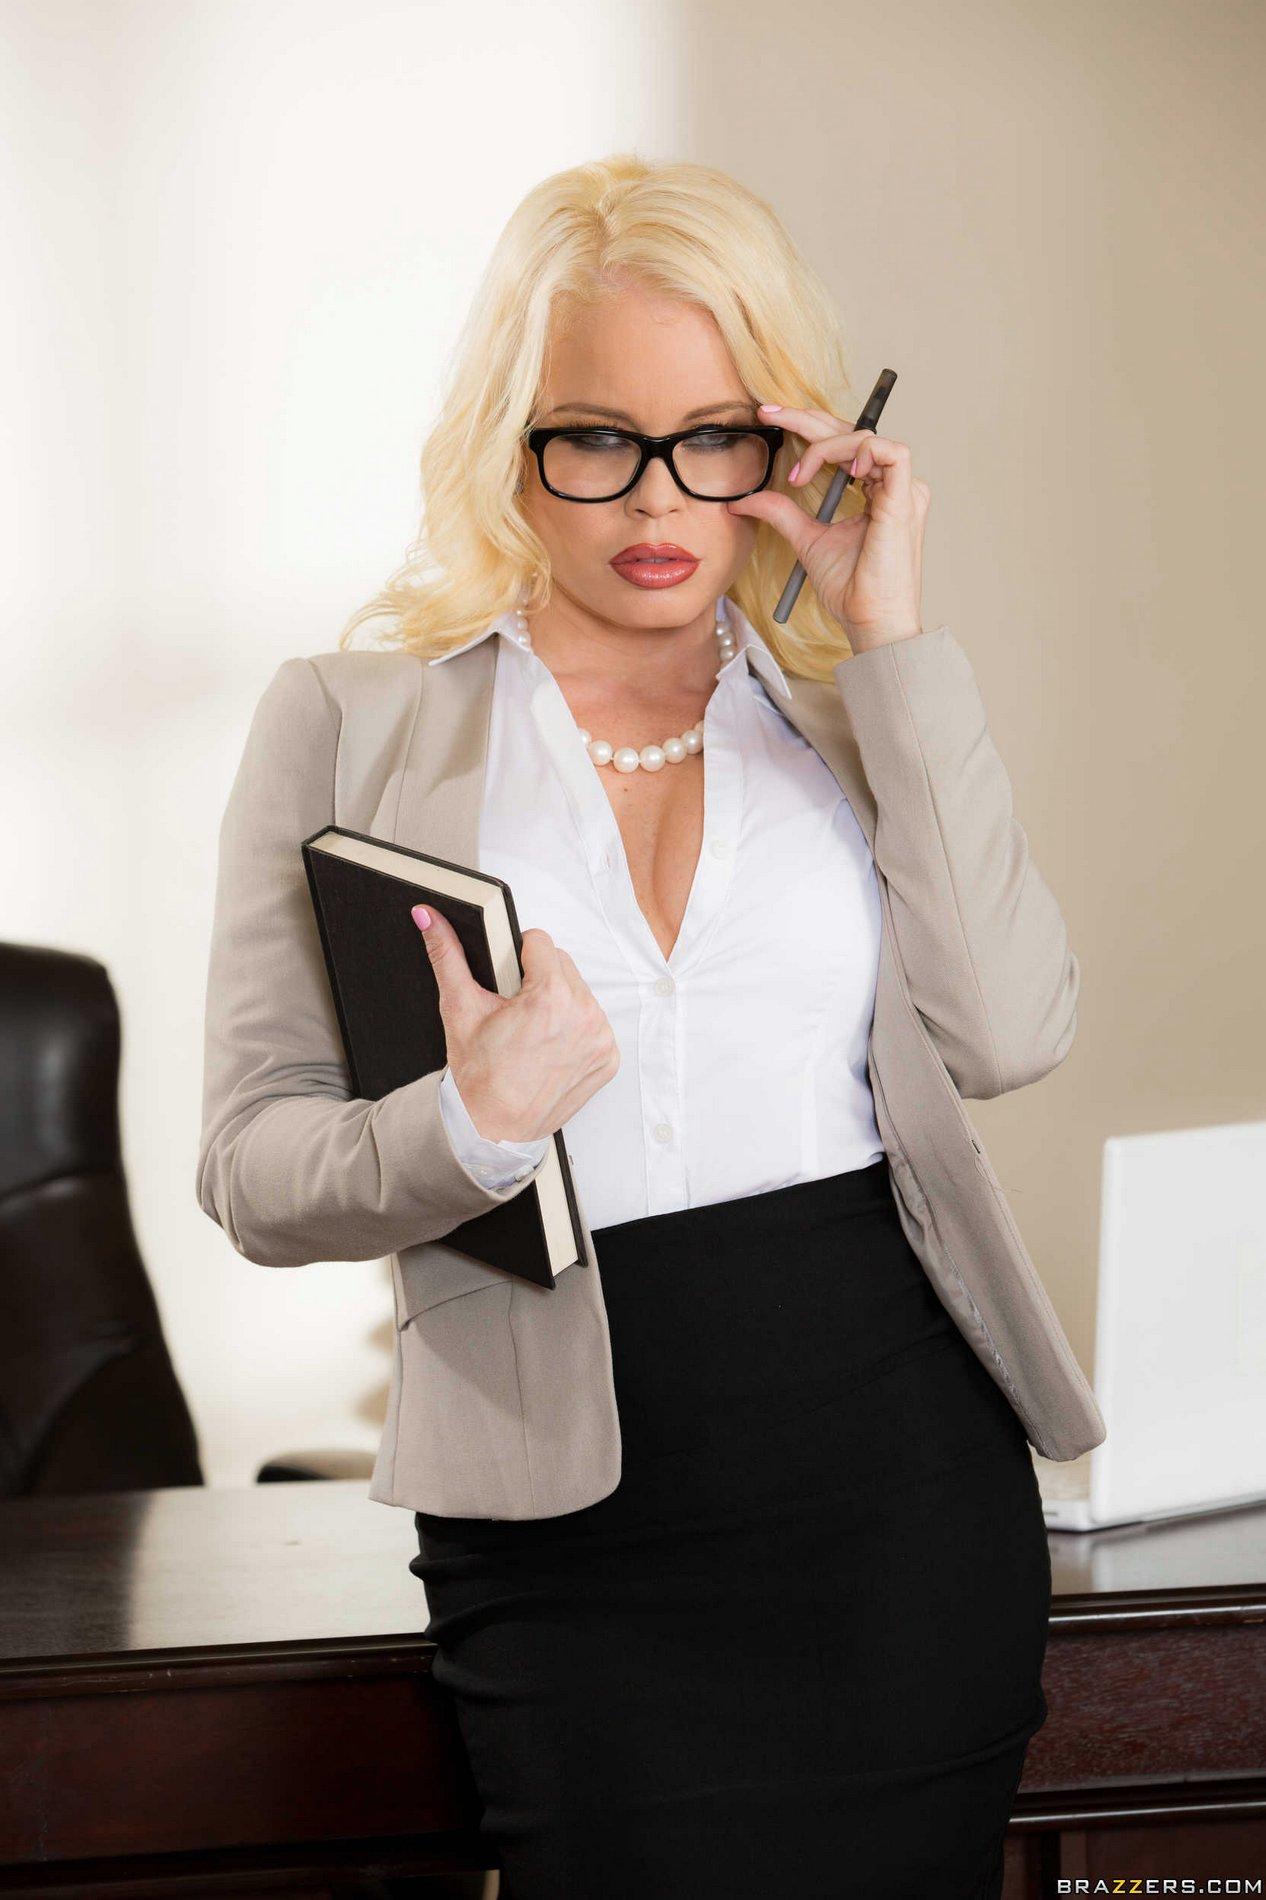 hot secretary nikki delano strips in the office my